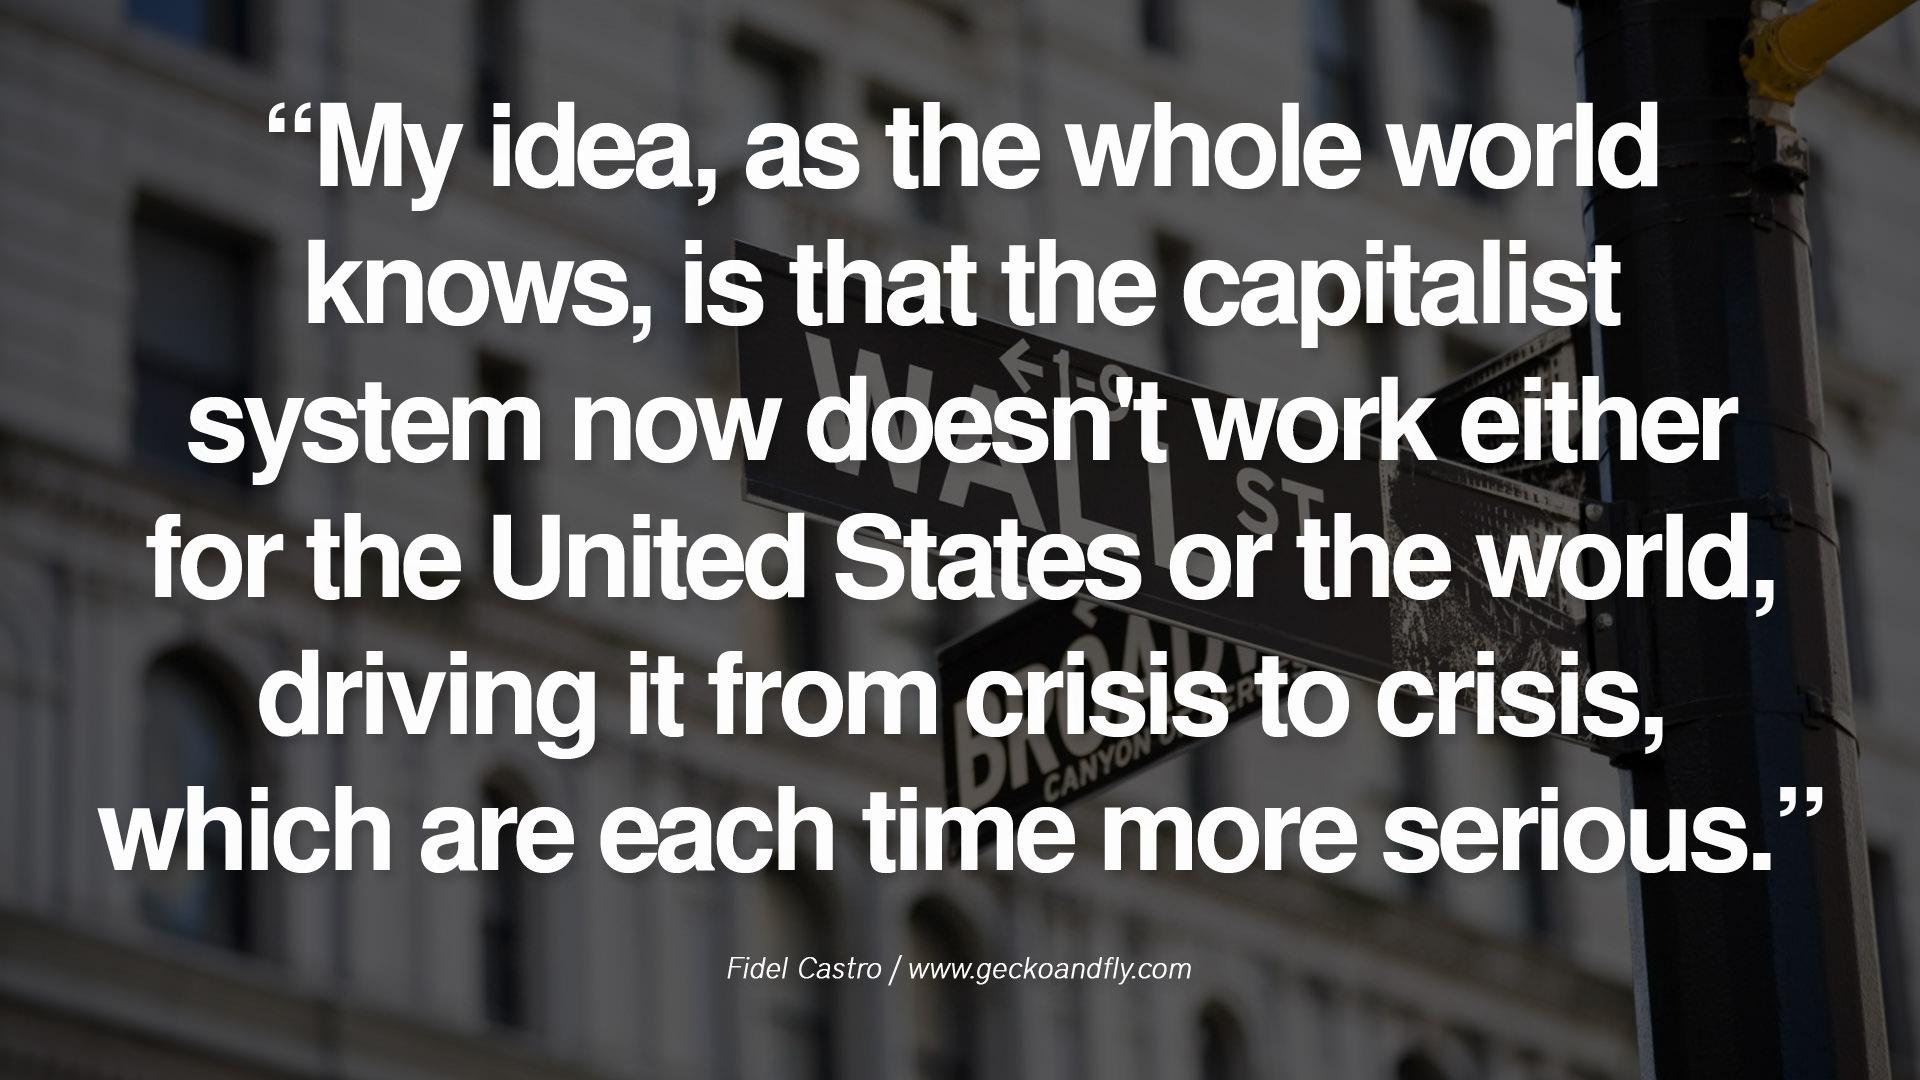 Quotes About Revolution Quotesgram: Fidel Castro Funny Quotes. QuotesGram